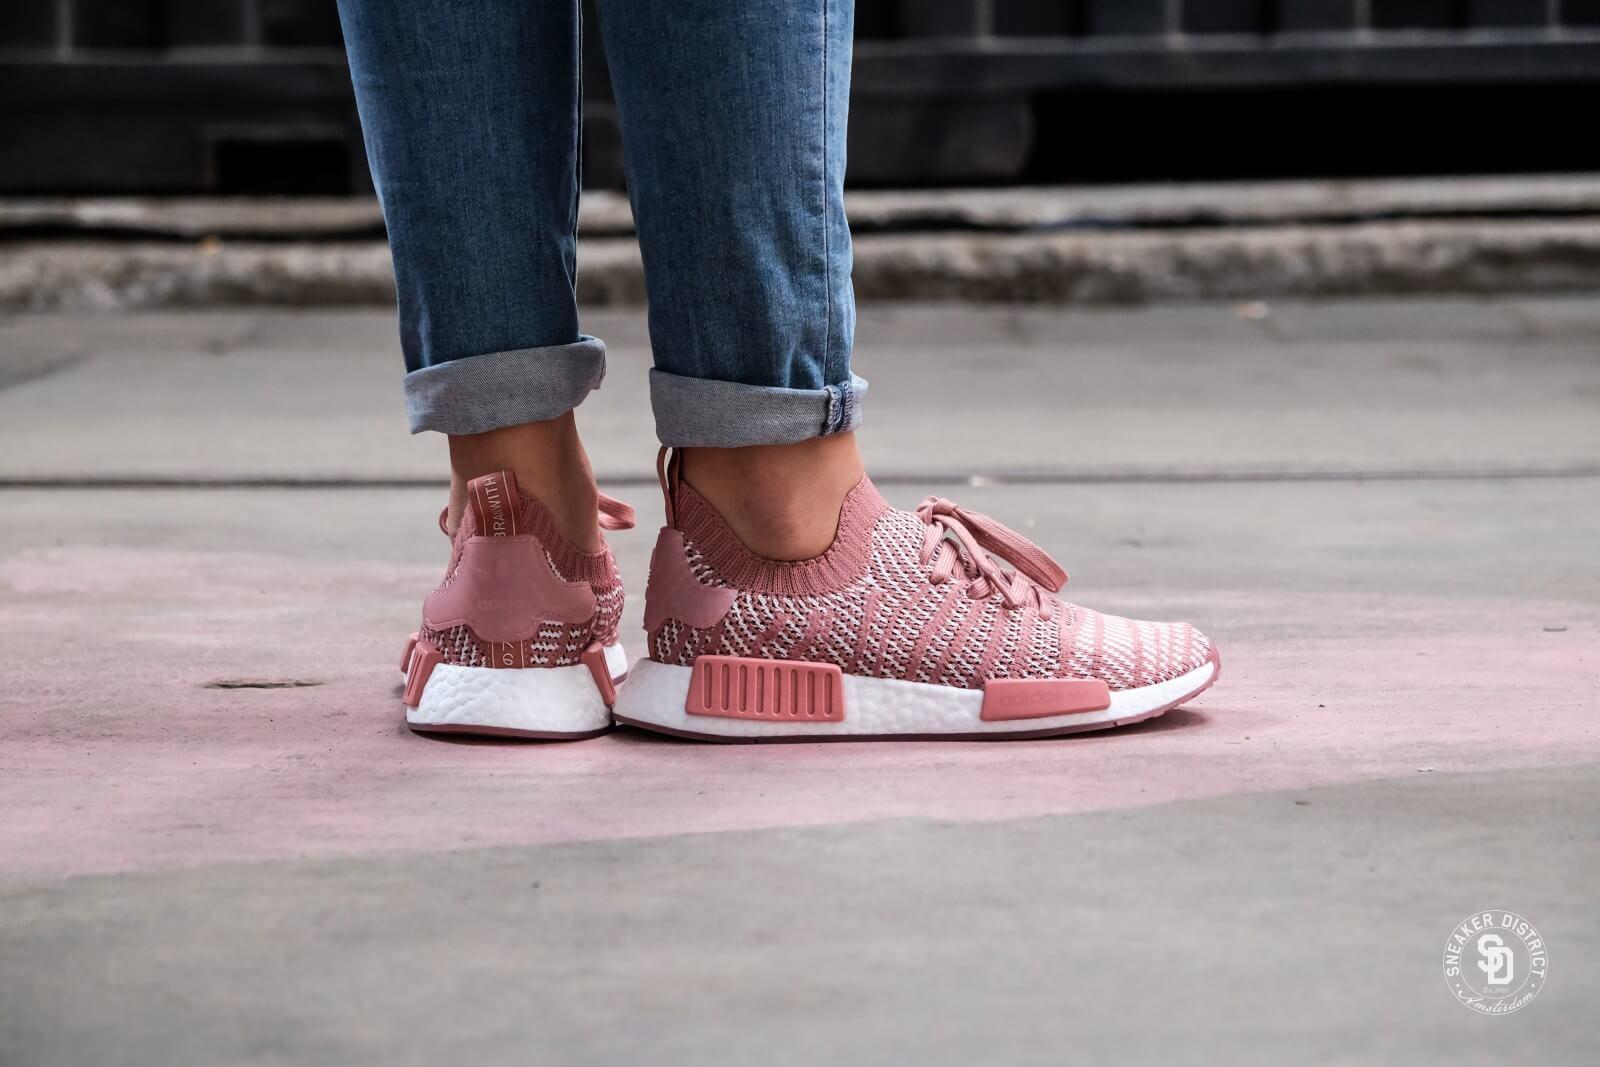 NMD R1 STLT | Shoes in 2019 | Adidas nmd, Adidas nmd r1, Adidas